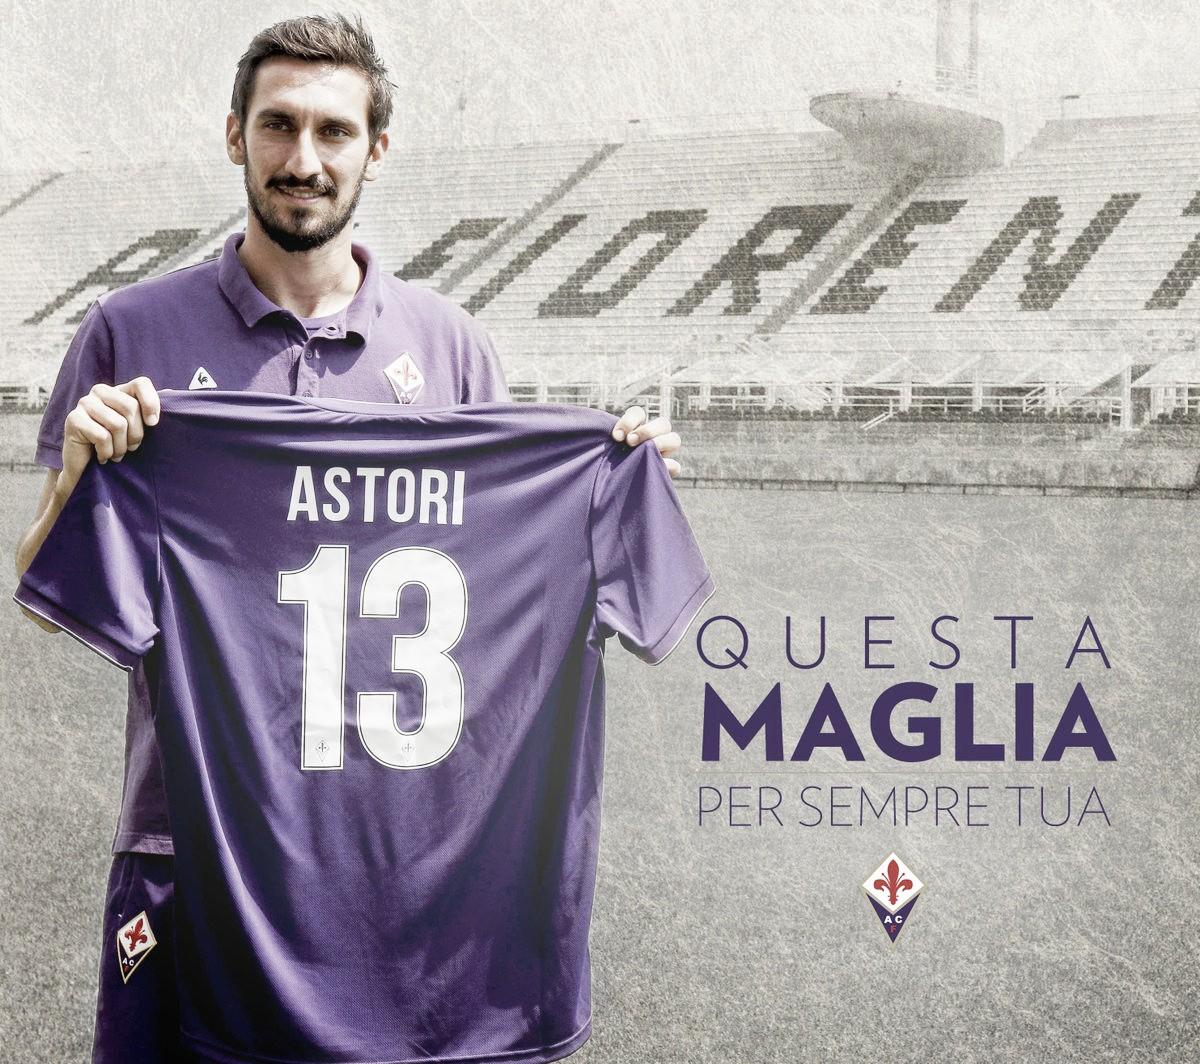 'Para sempre sua': Fiorentina e Cagliari aposentam camisa 13 em homenagem a Astori